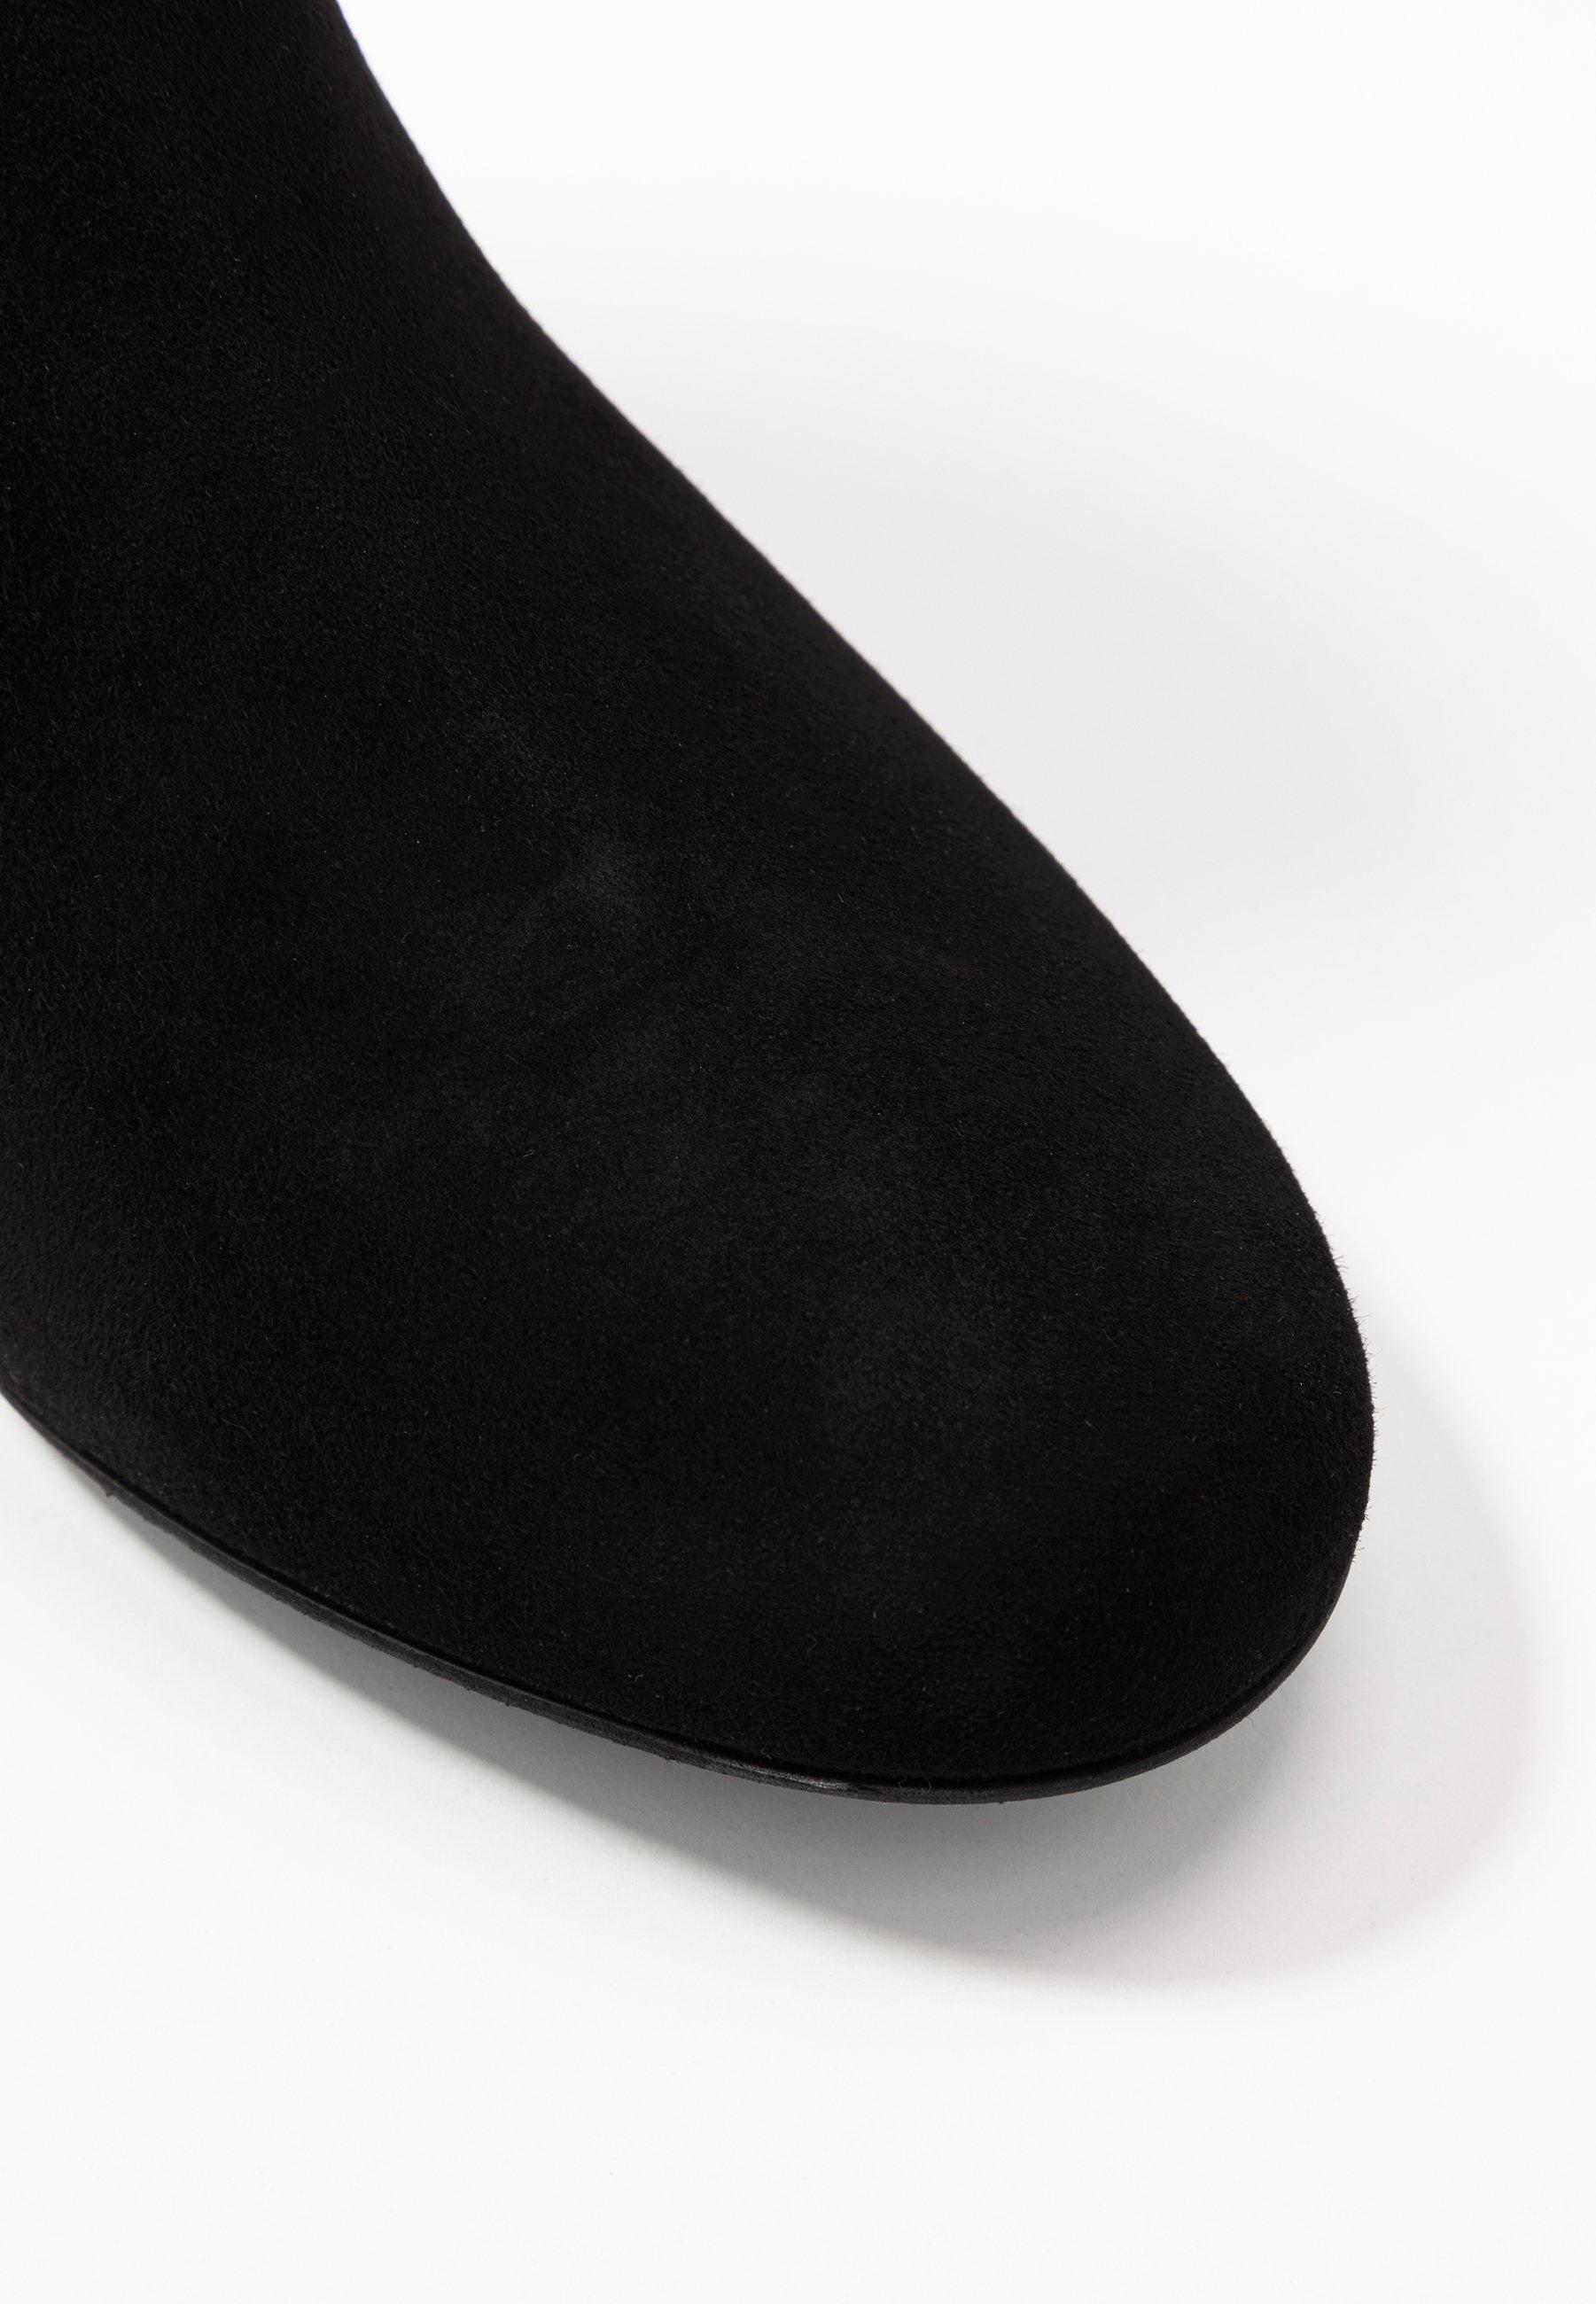 Peter Kaiser BETTY Stiefelette schwarz/schwarz